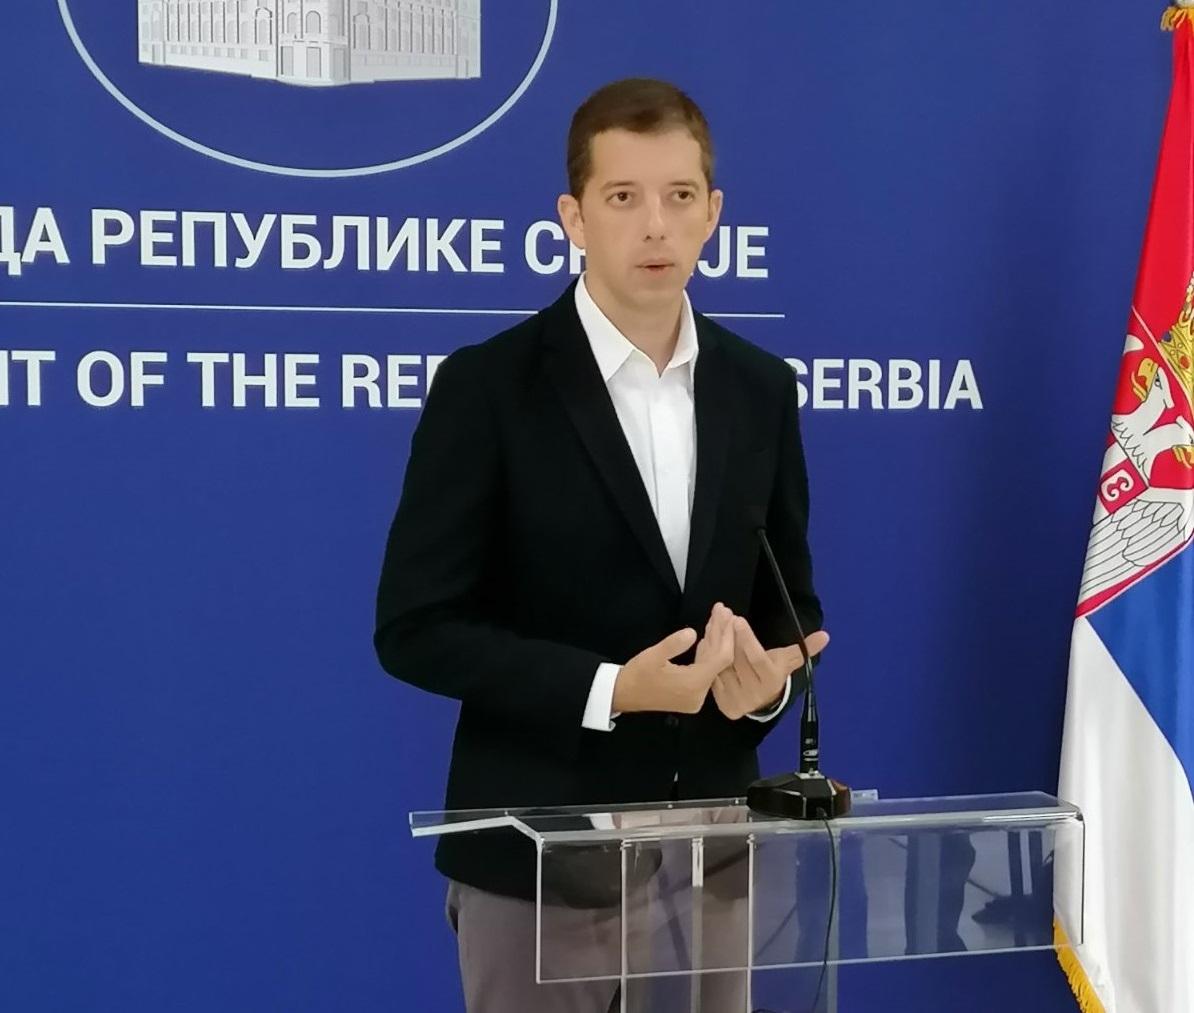 Đurić: Ukidanje taksi prvi test nove kosovske vlade